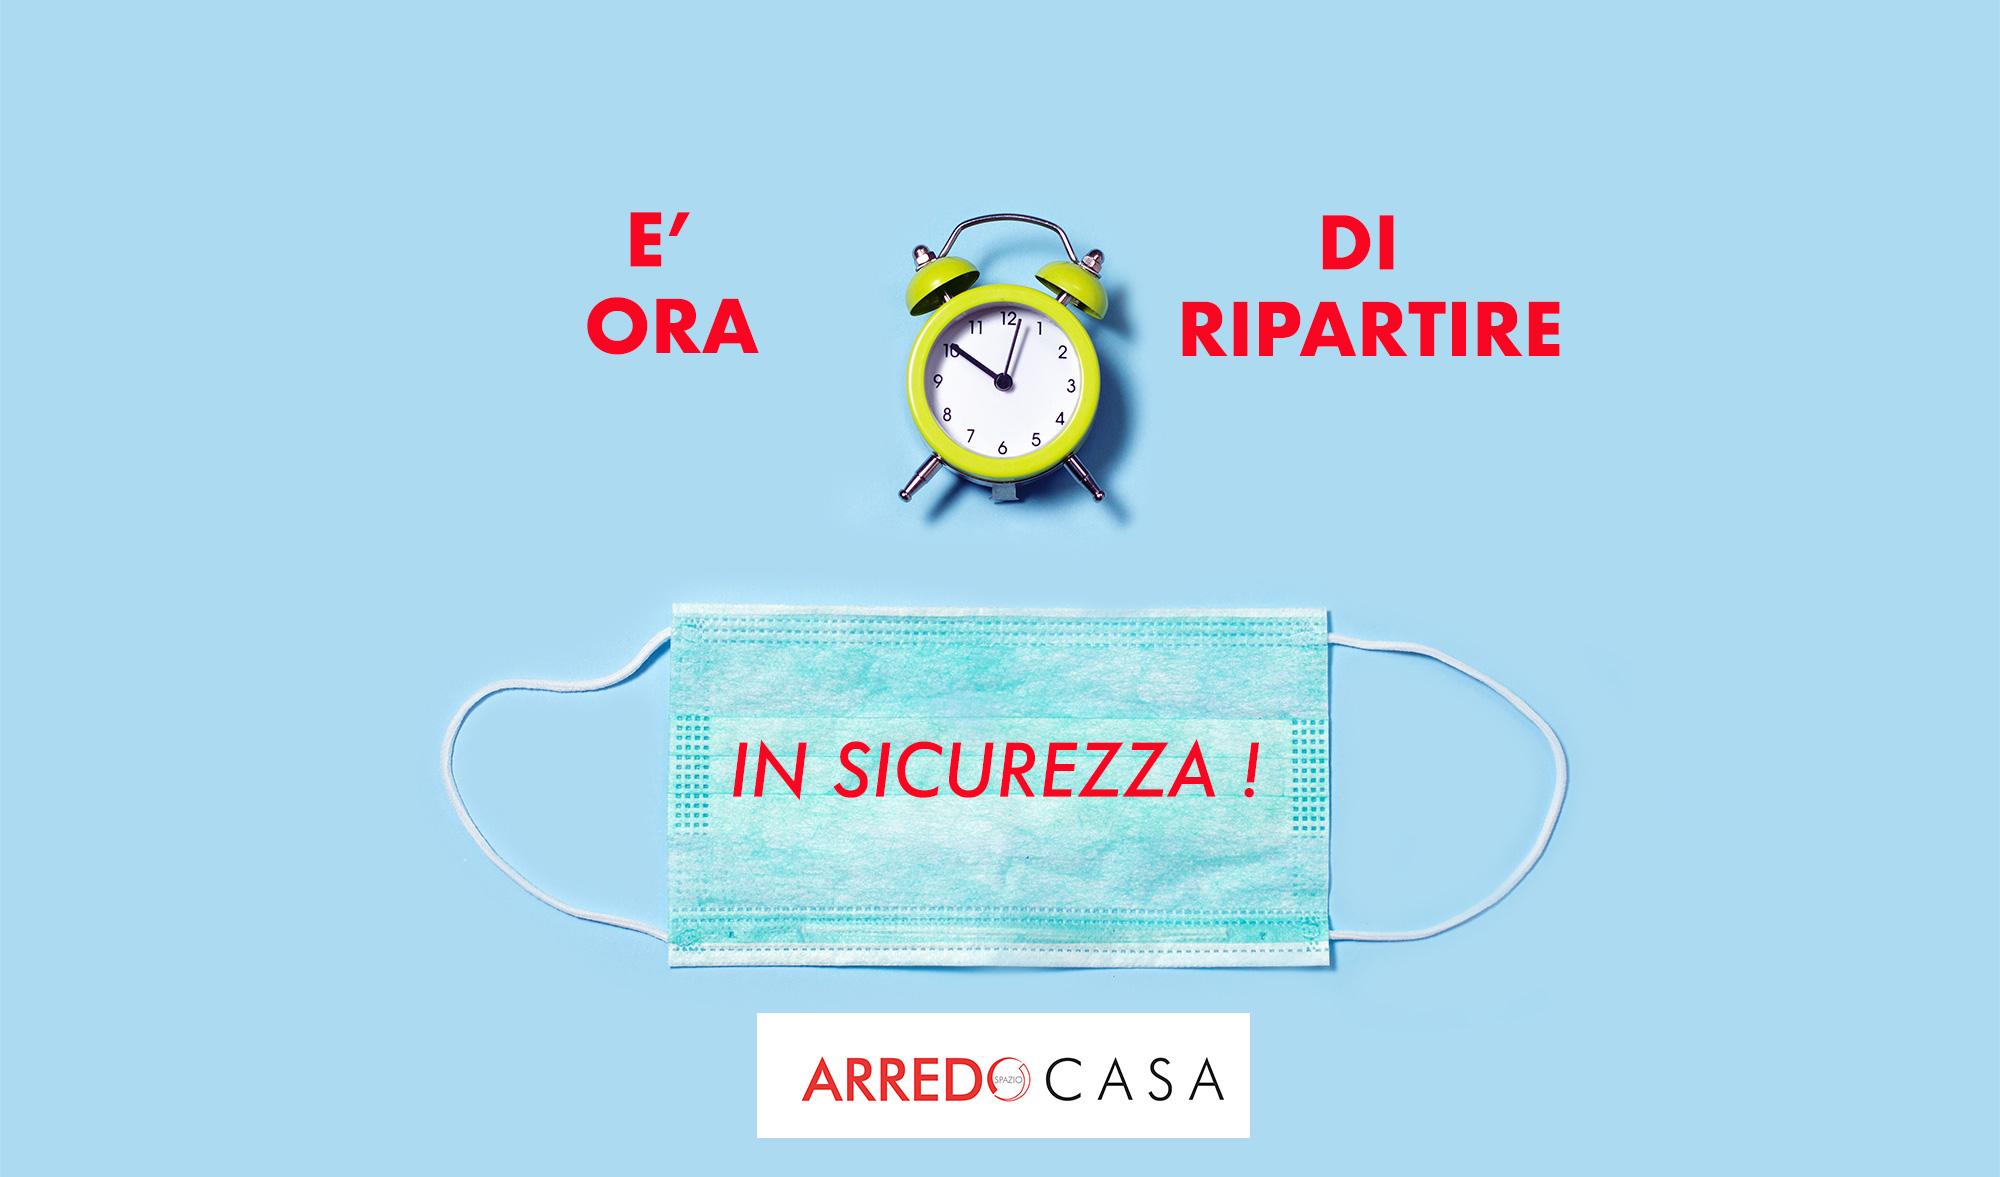 RIPARTIRE IN SICUREZZA